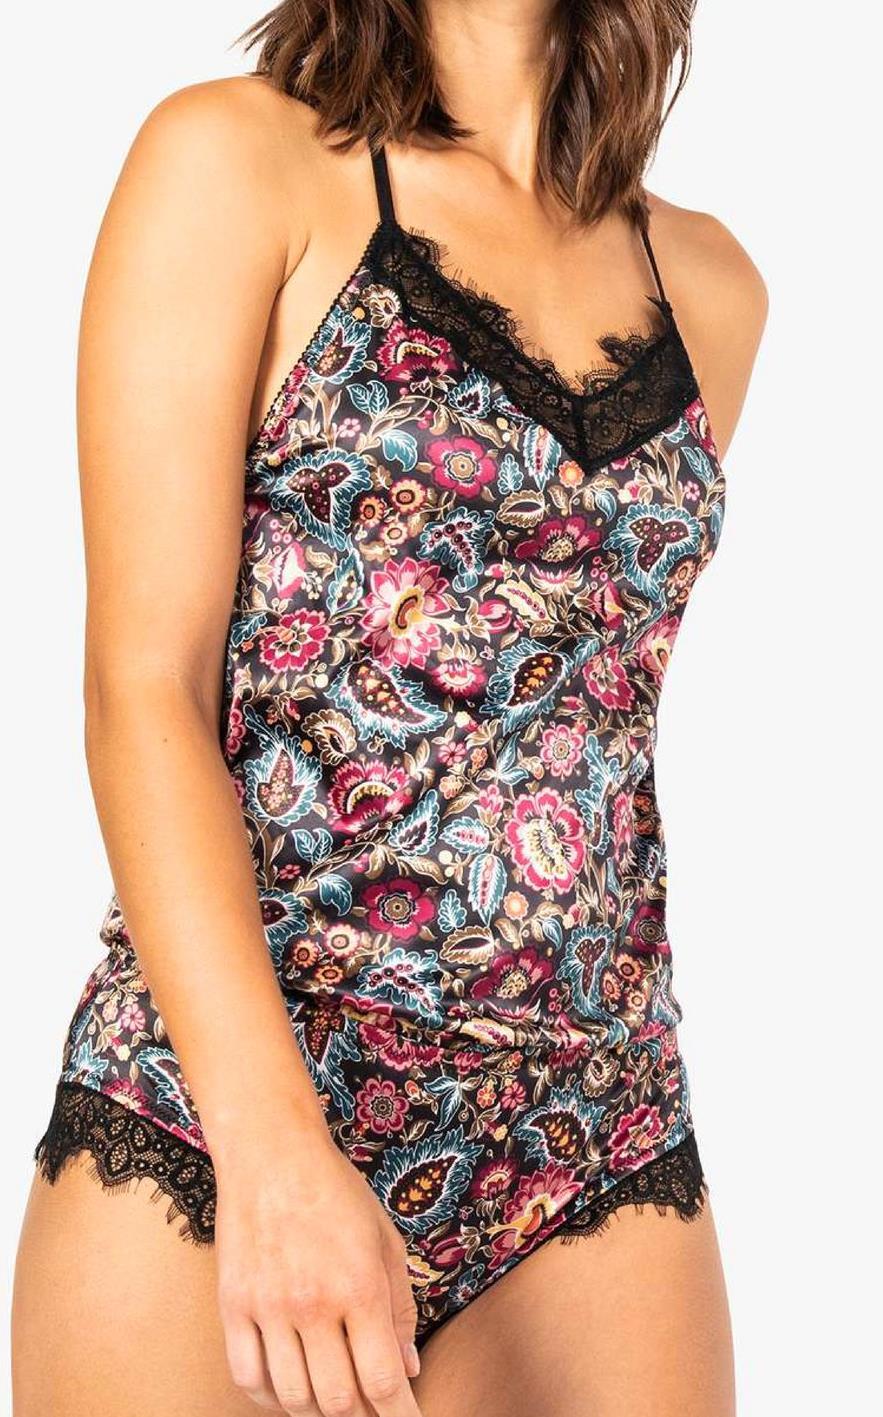 879b792b0d4c5 Acheter Sous-vêtements féminins à Angers | Promos et offres